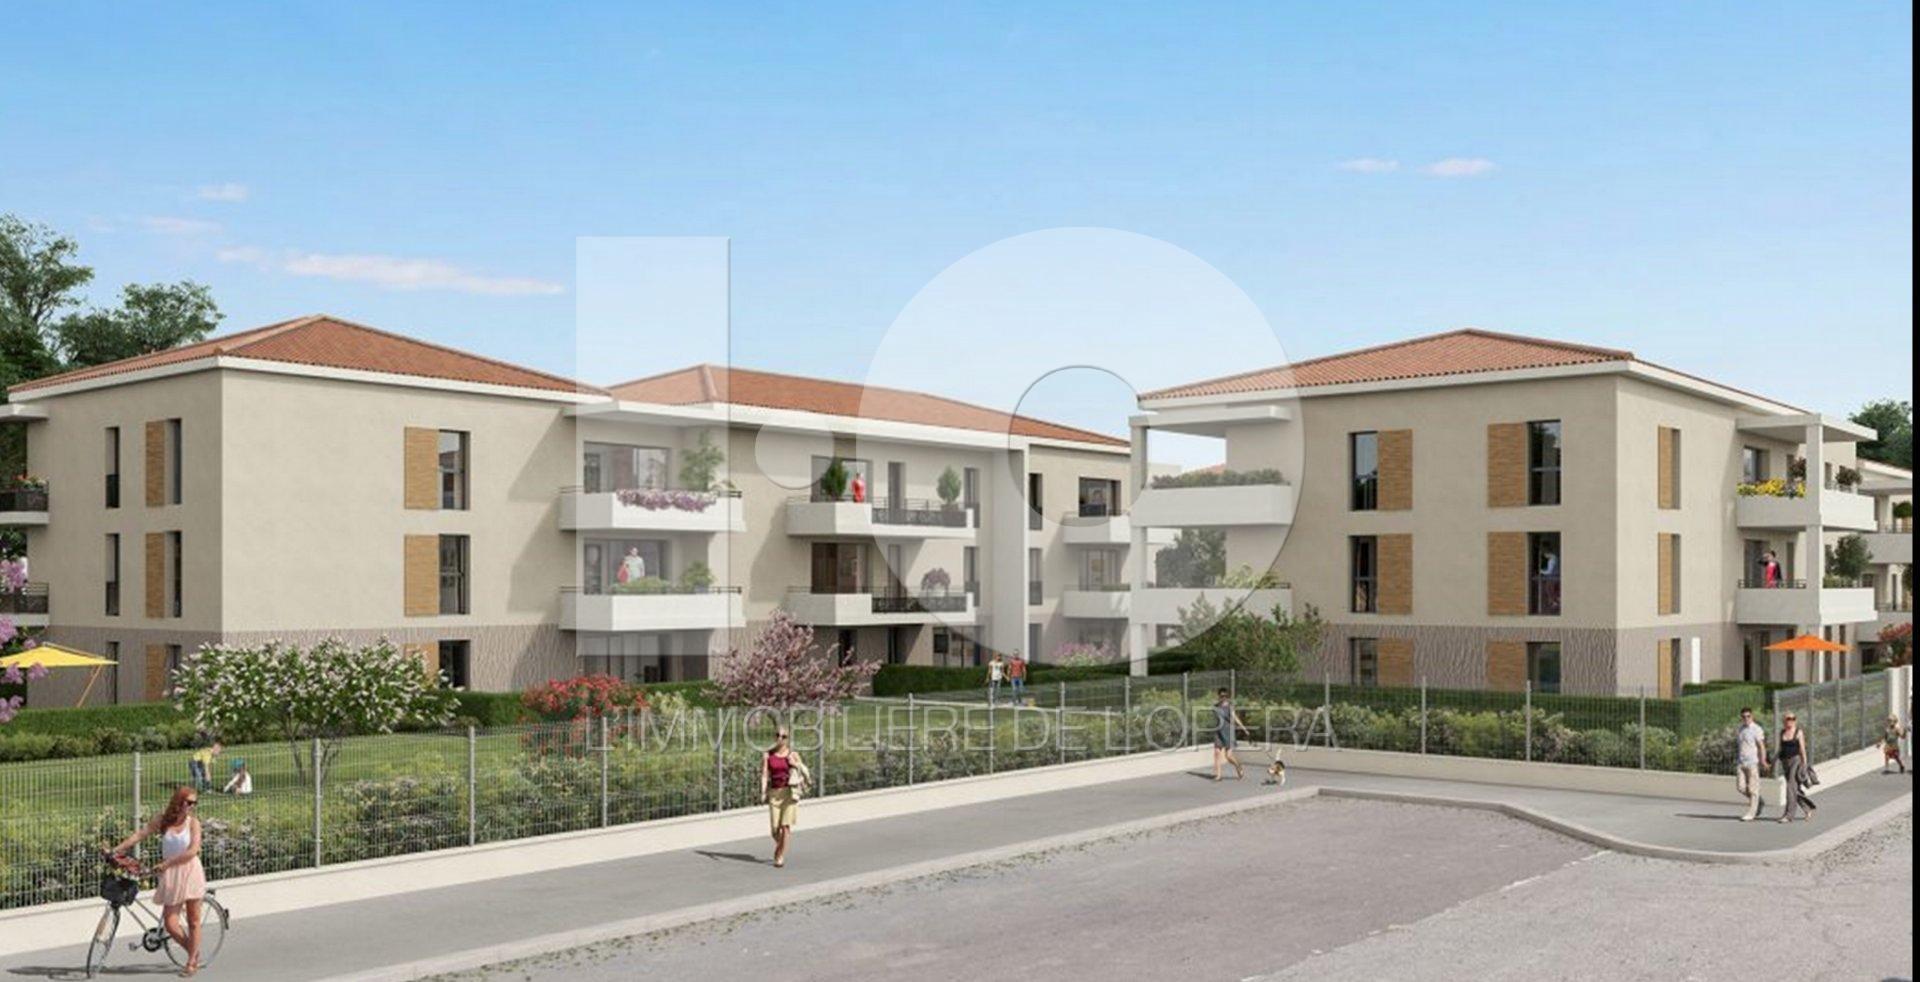 FREJUS - Appartement de 66 m2 en Rez de Jardin